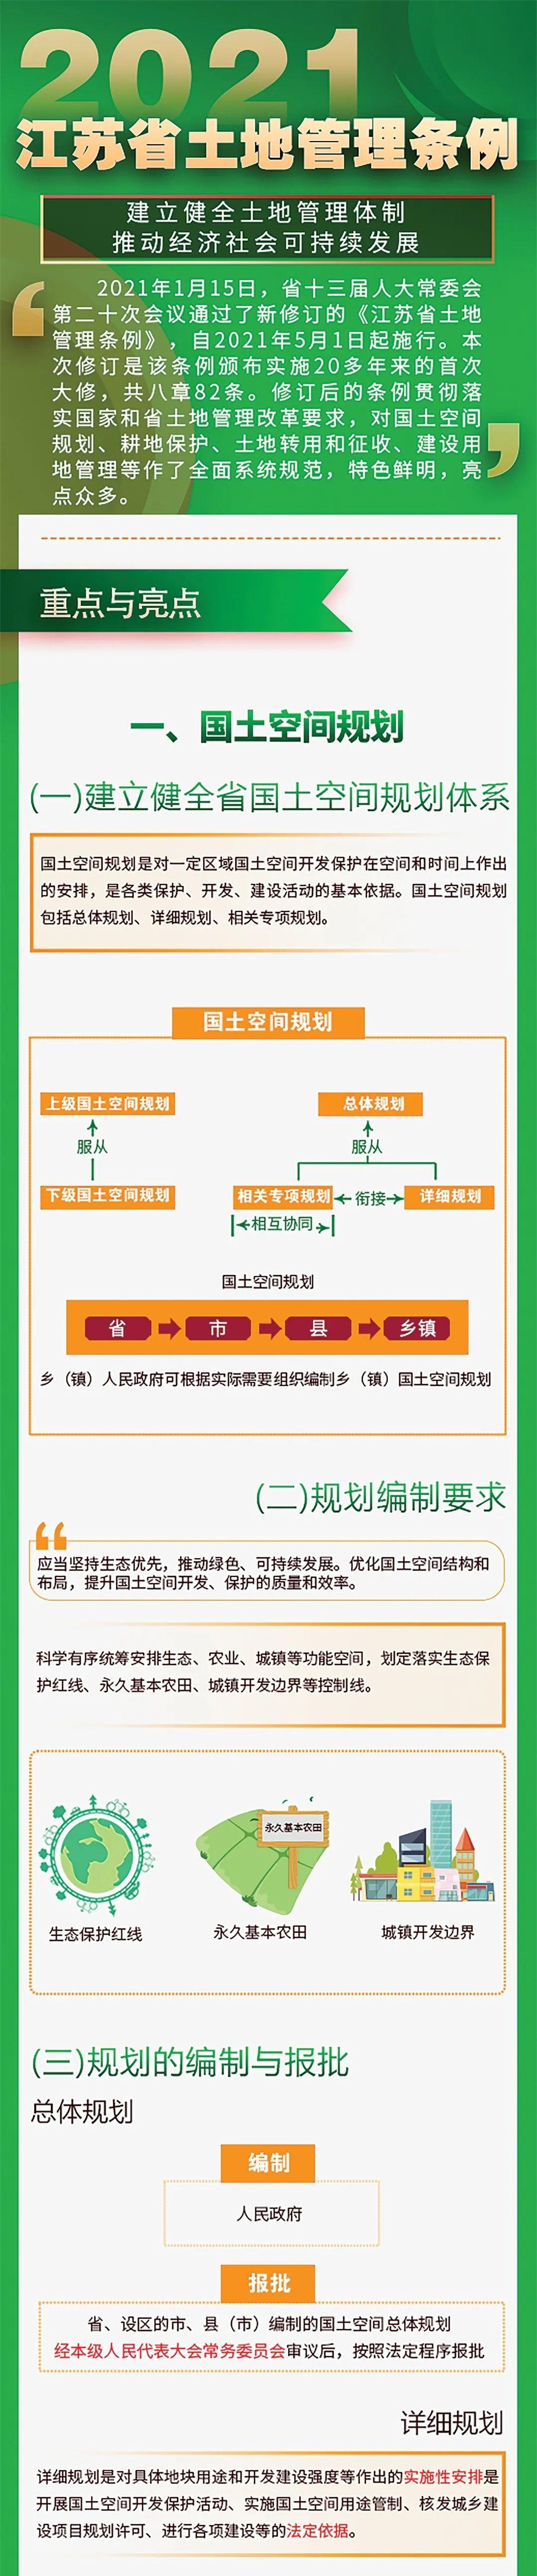 202102-江苏省土地管理条例